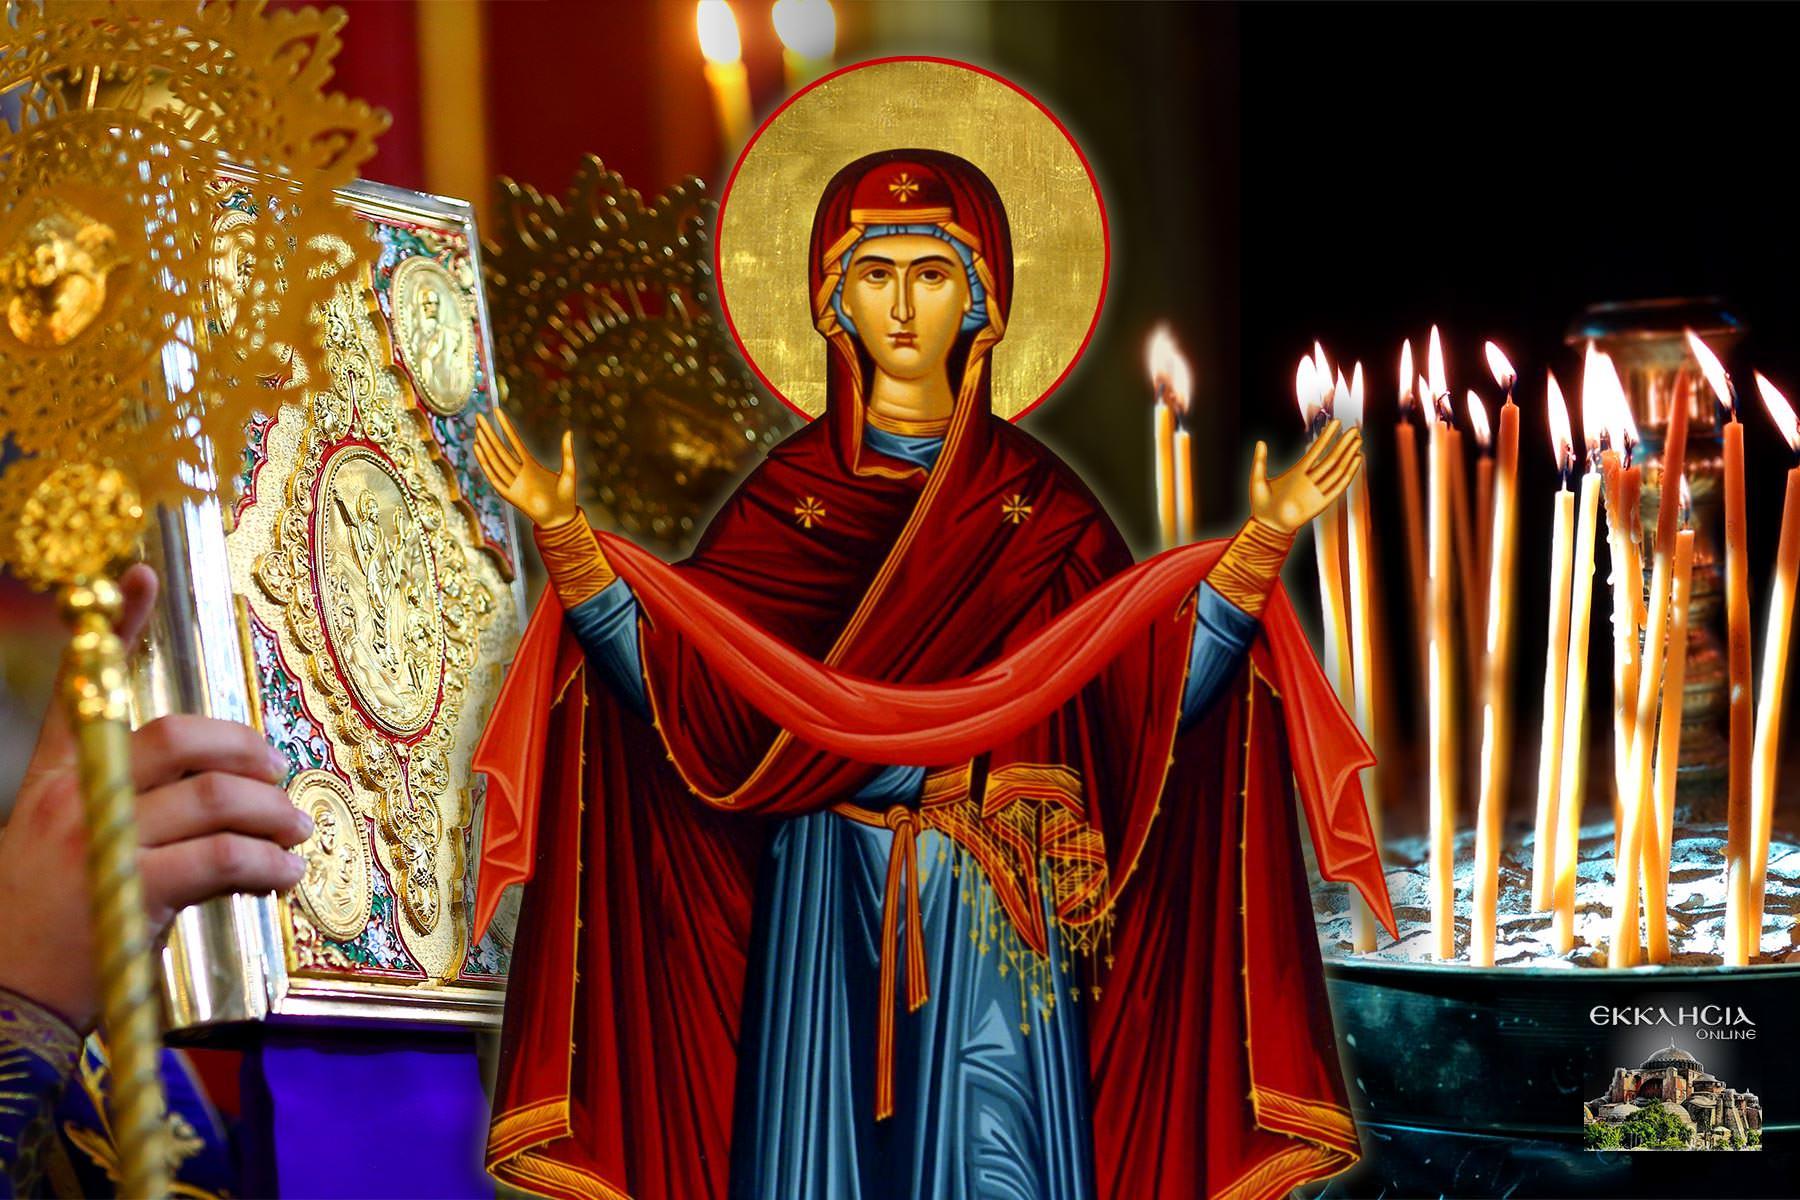 Εισόδια της Θεοτόκου 21 Νοεμβρίου Παναγία